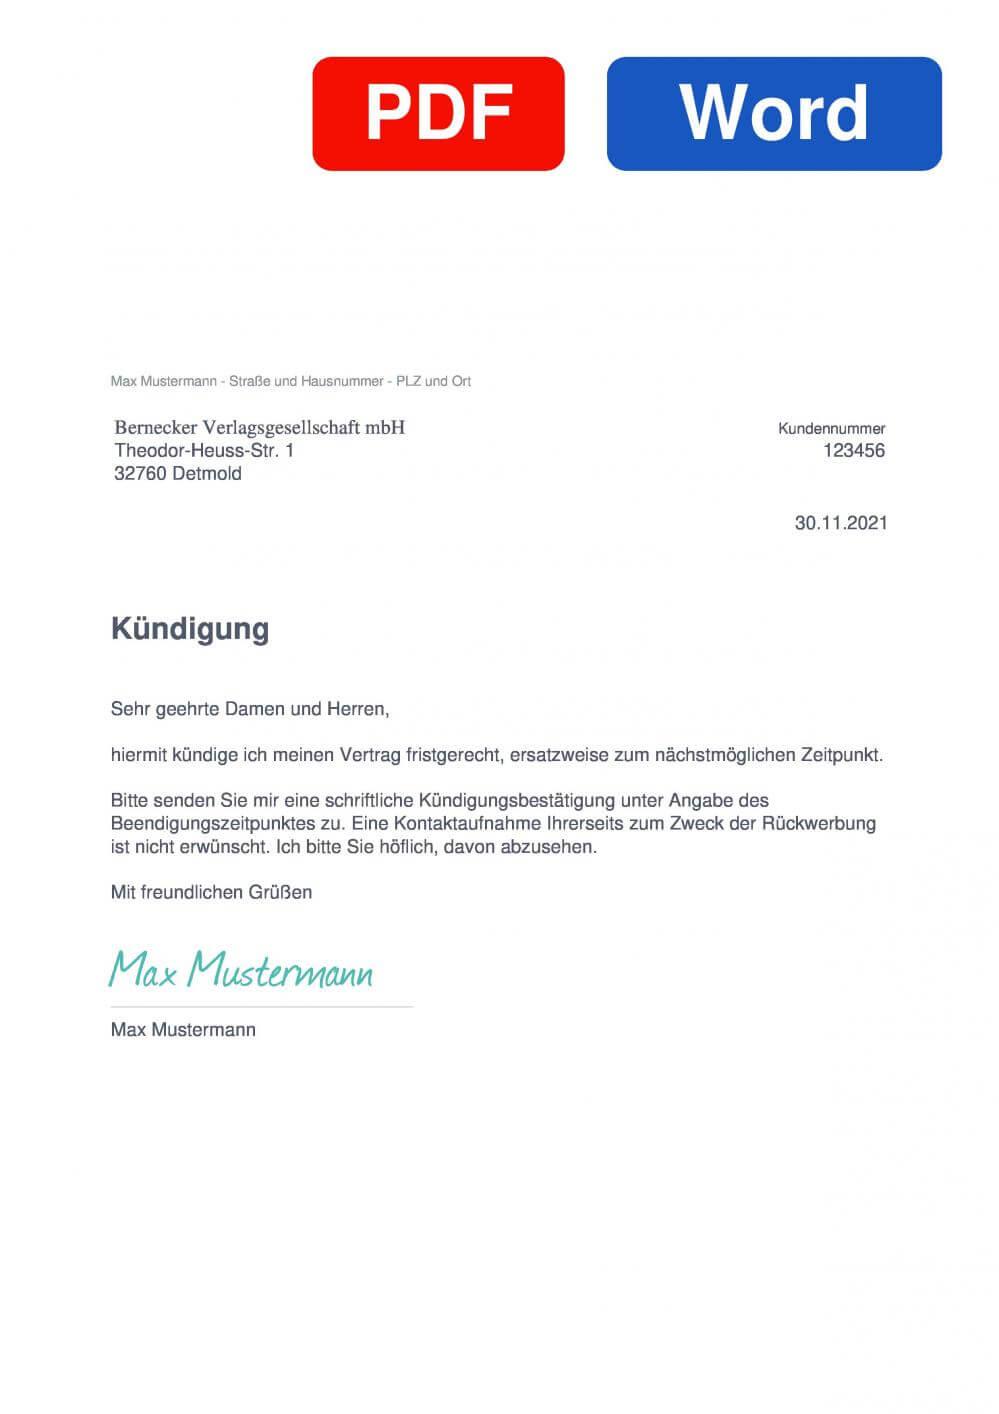 Bernecker Börsenkompass Muster Vorlage für Kündigungsschreiben